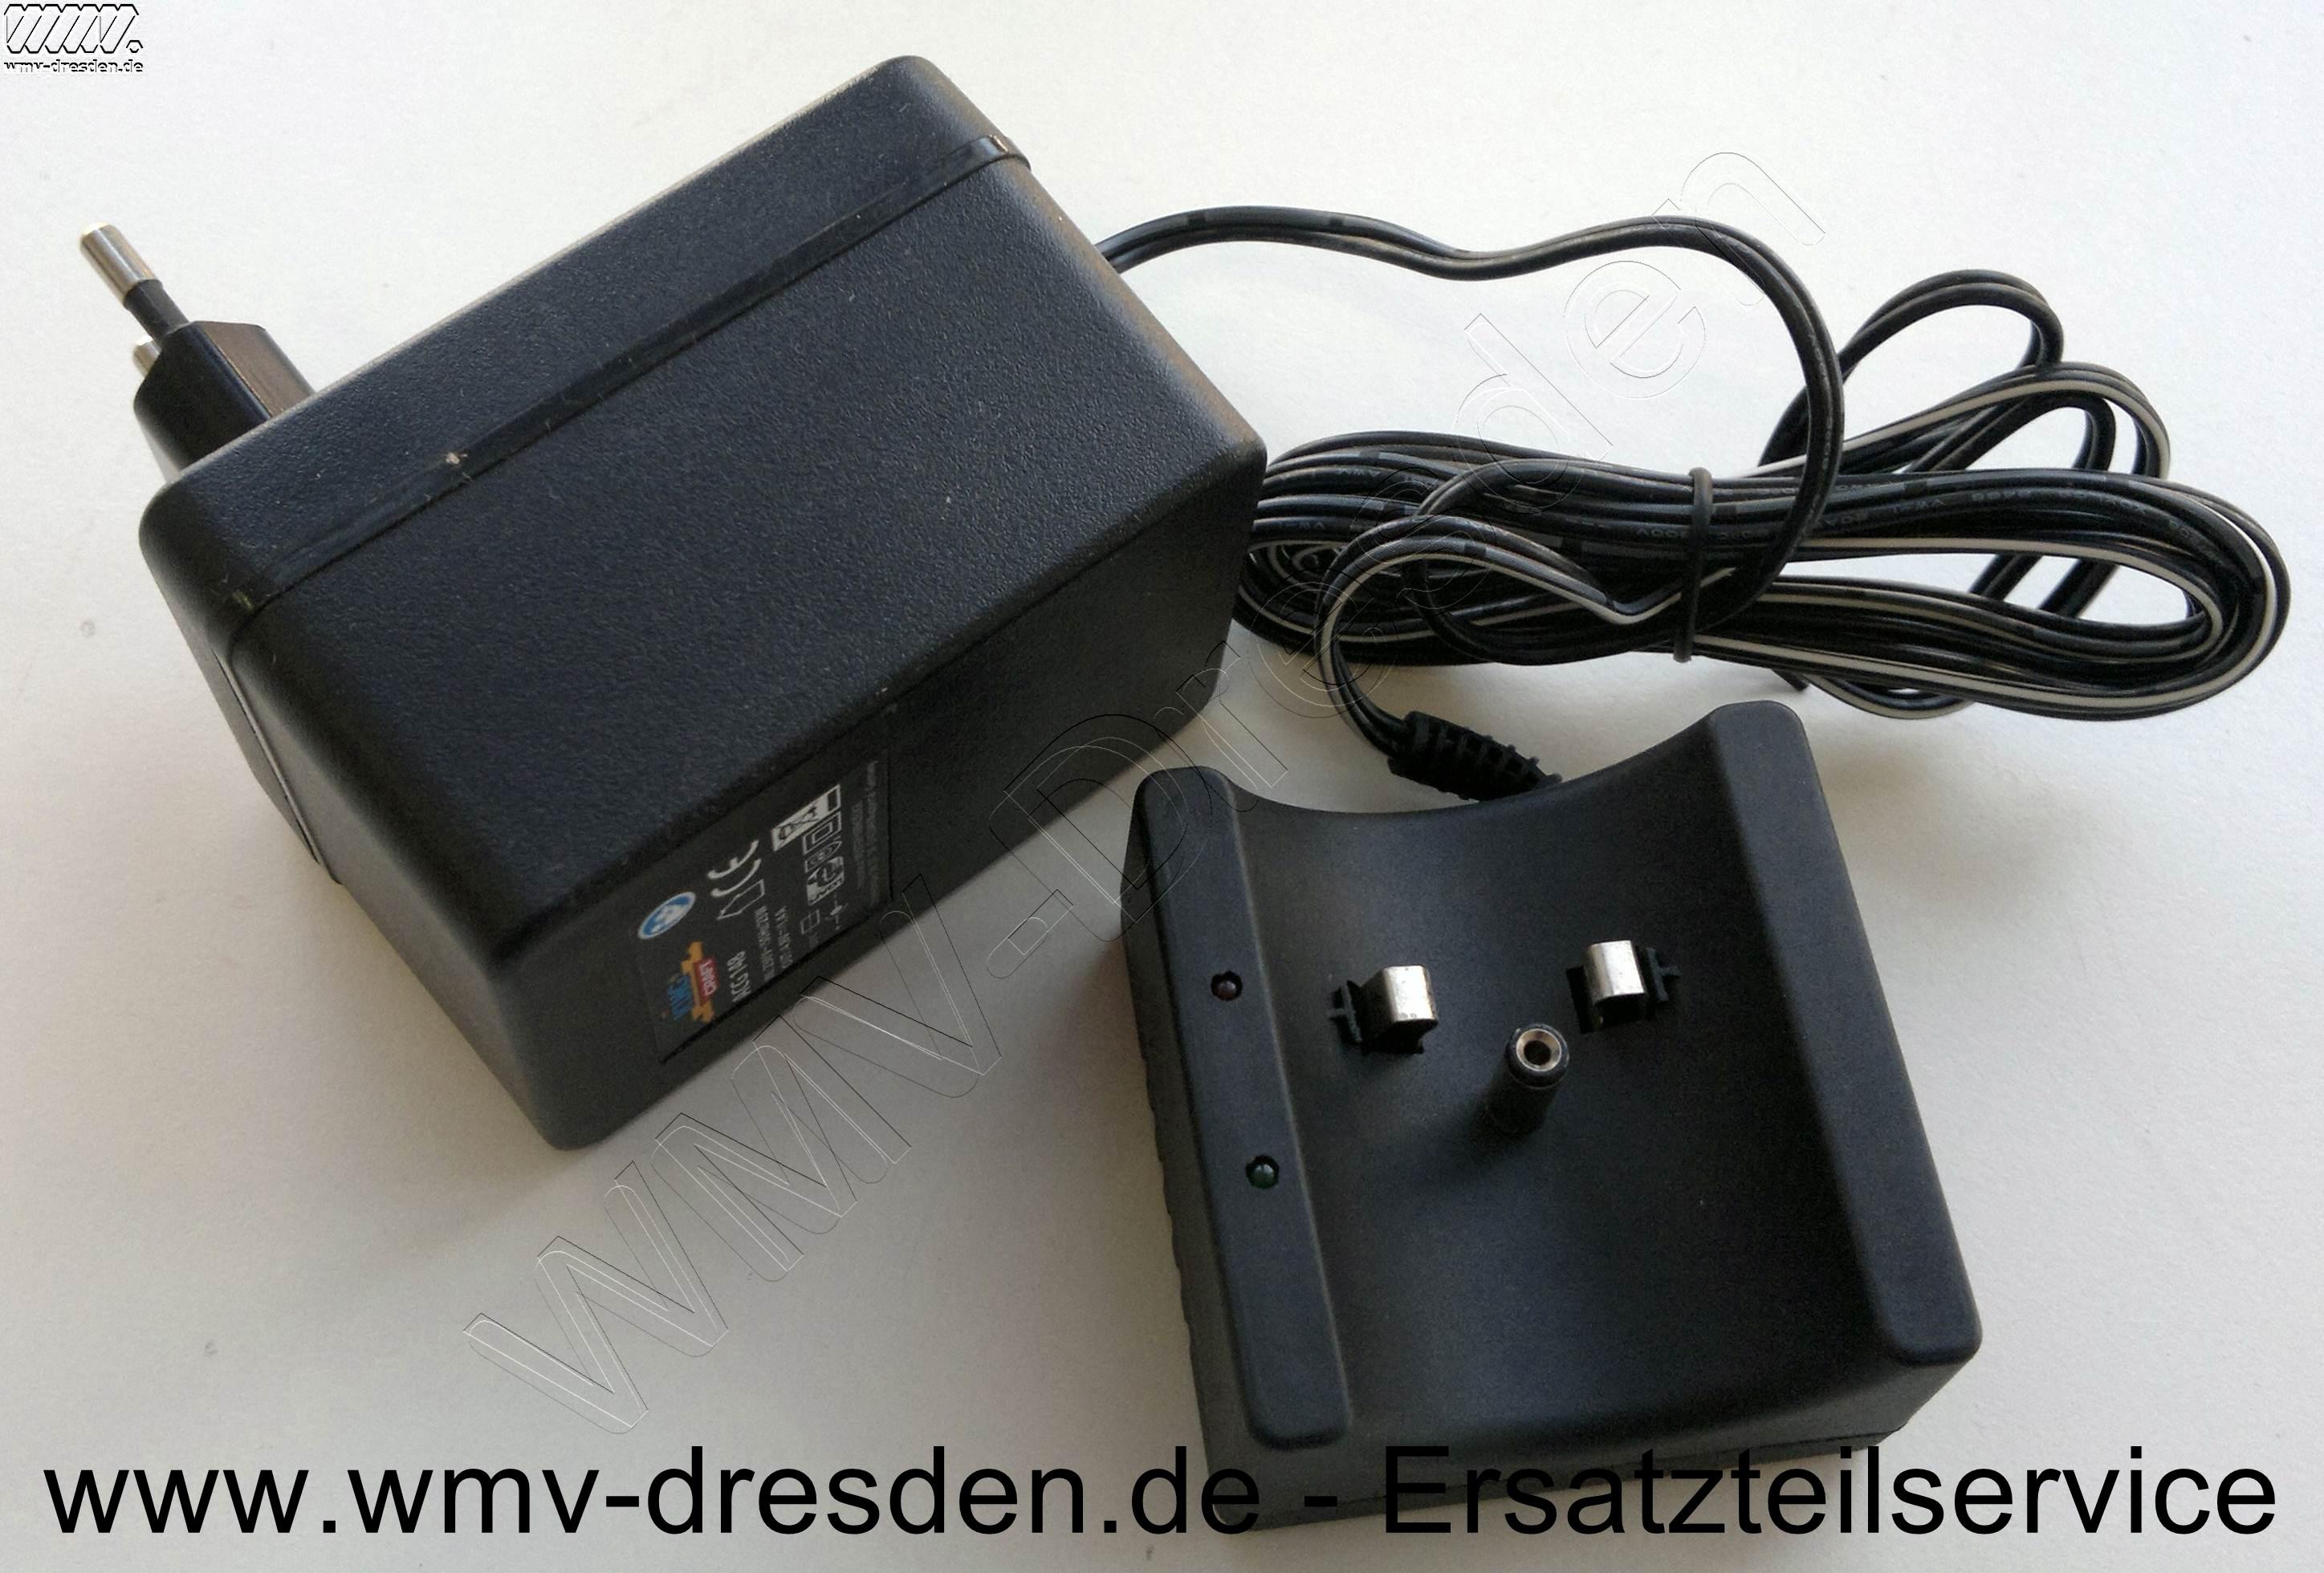 Ladegerät für Stabschrauber KAS 48 B und C / ACG 148 siehe Gewährleistungshinweise -